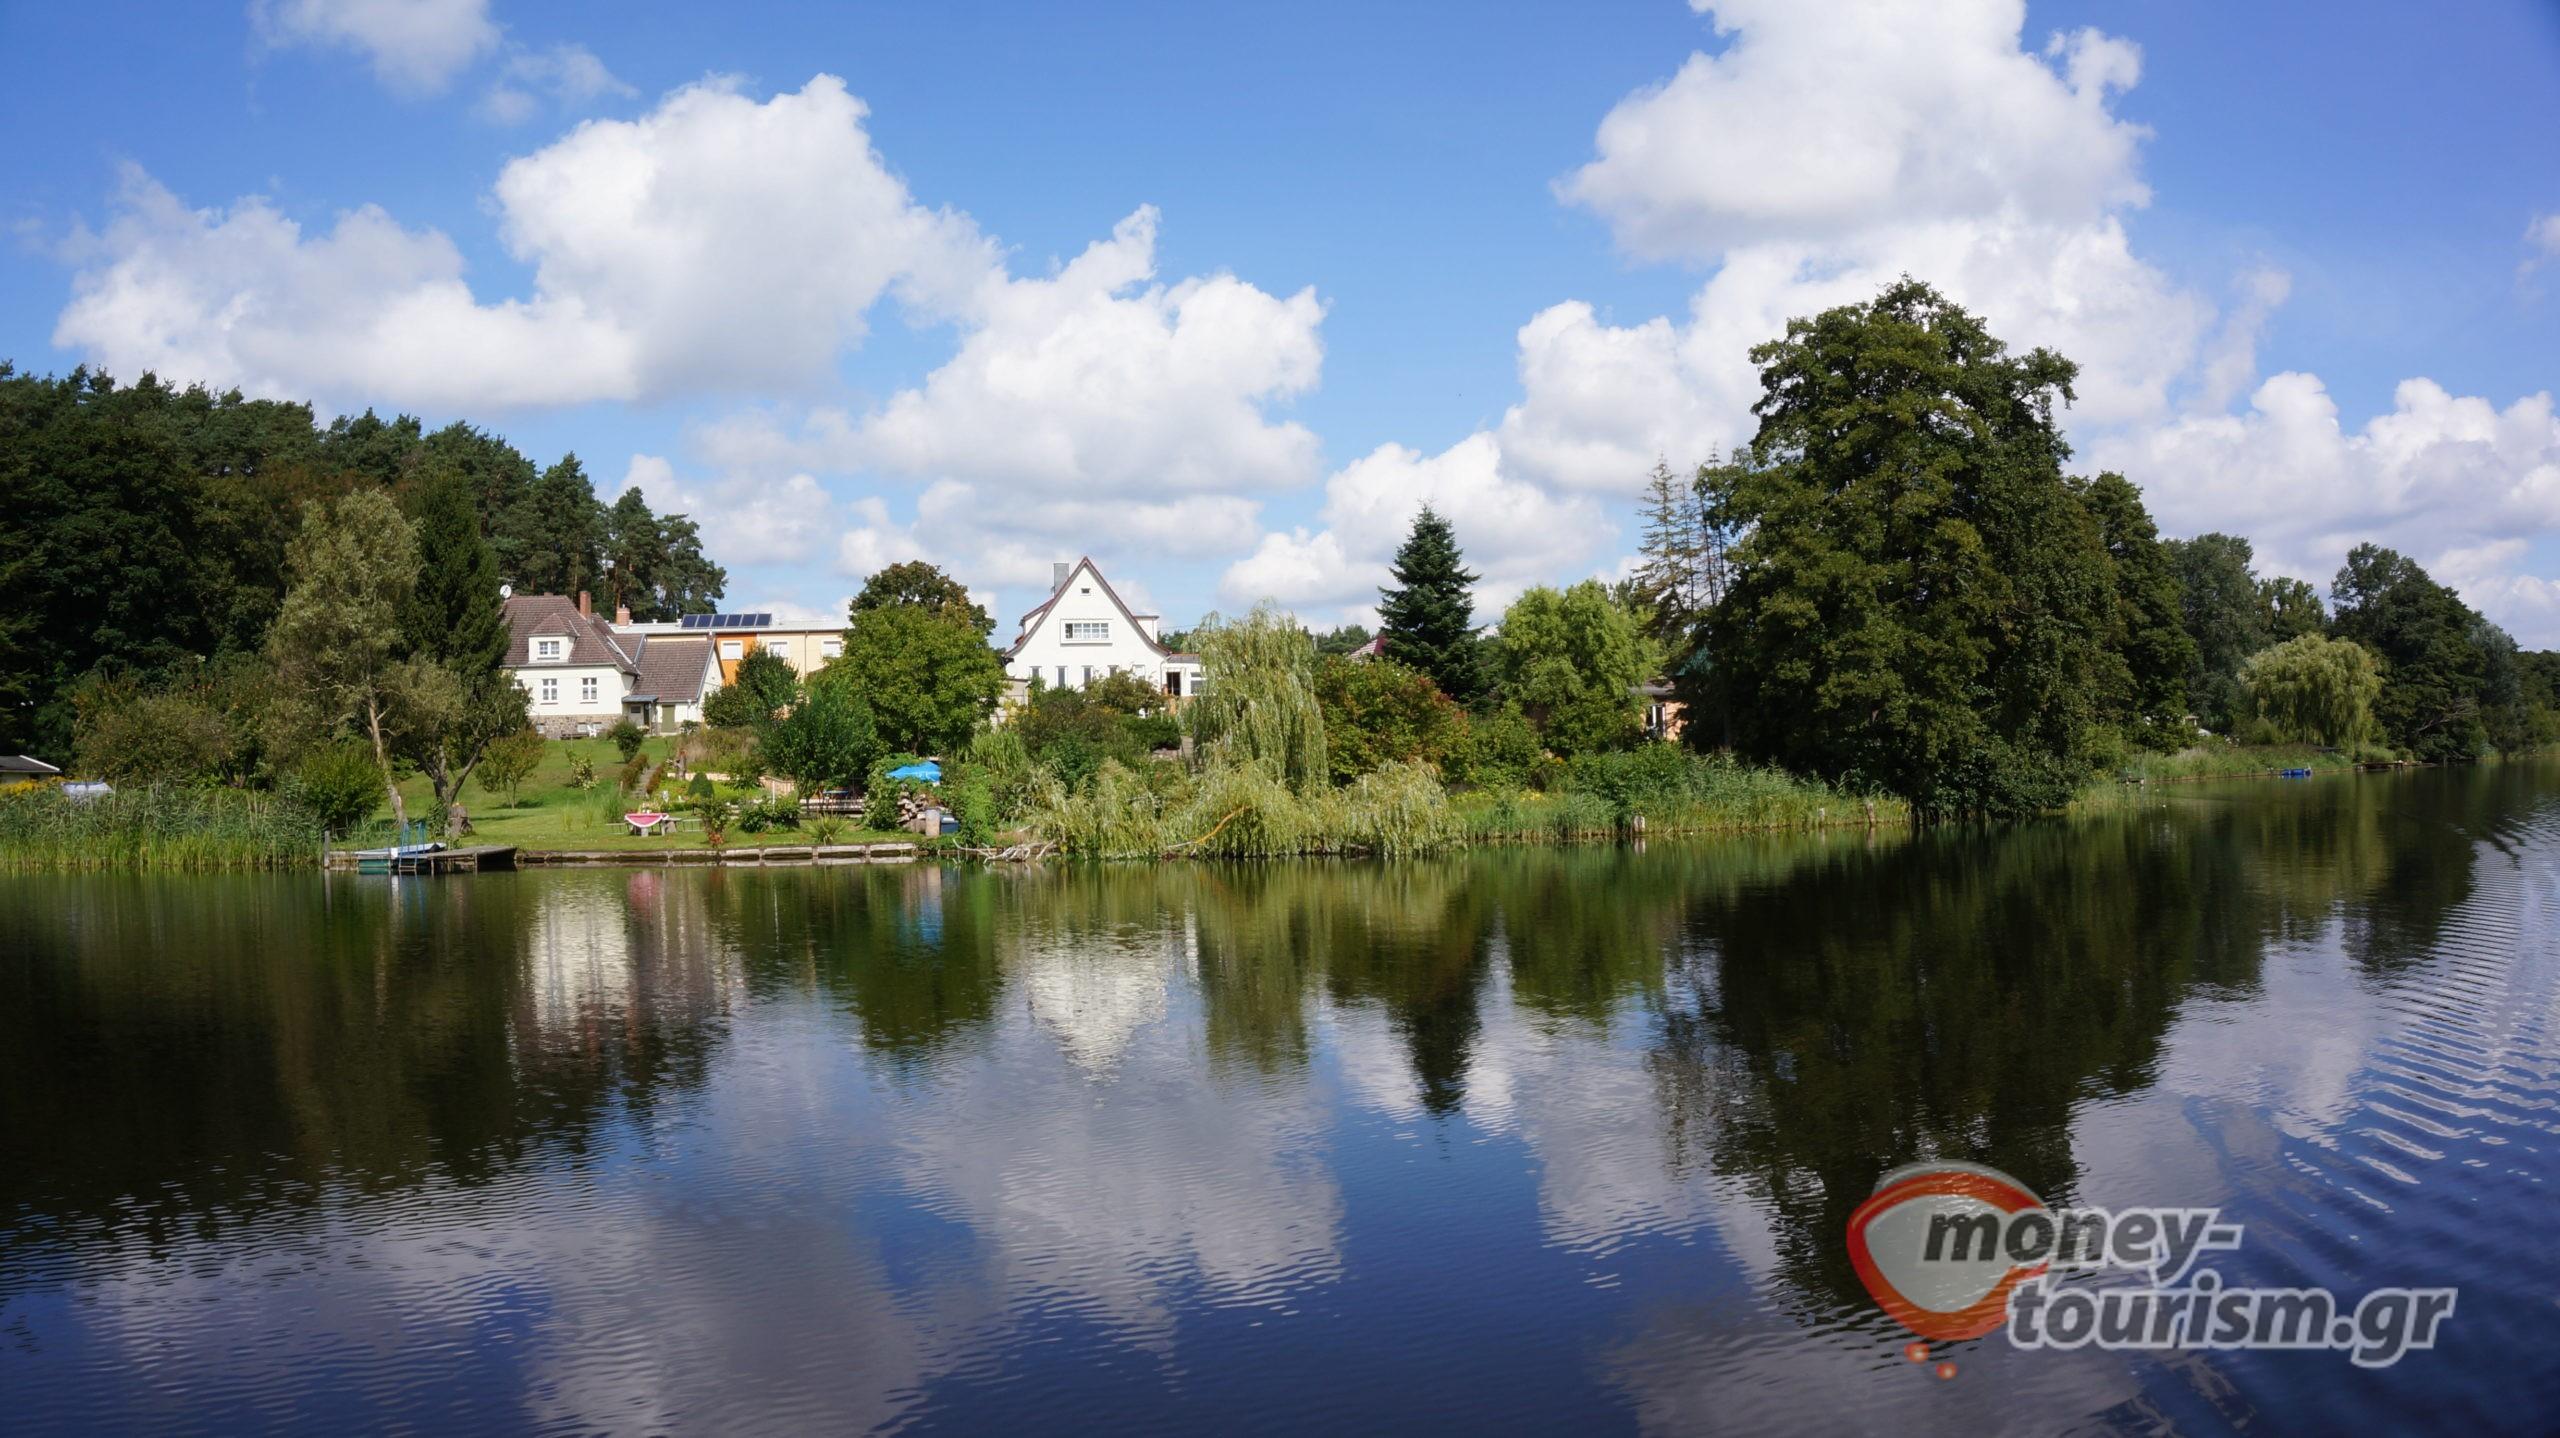 Γερμανία money tourism copyright photo